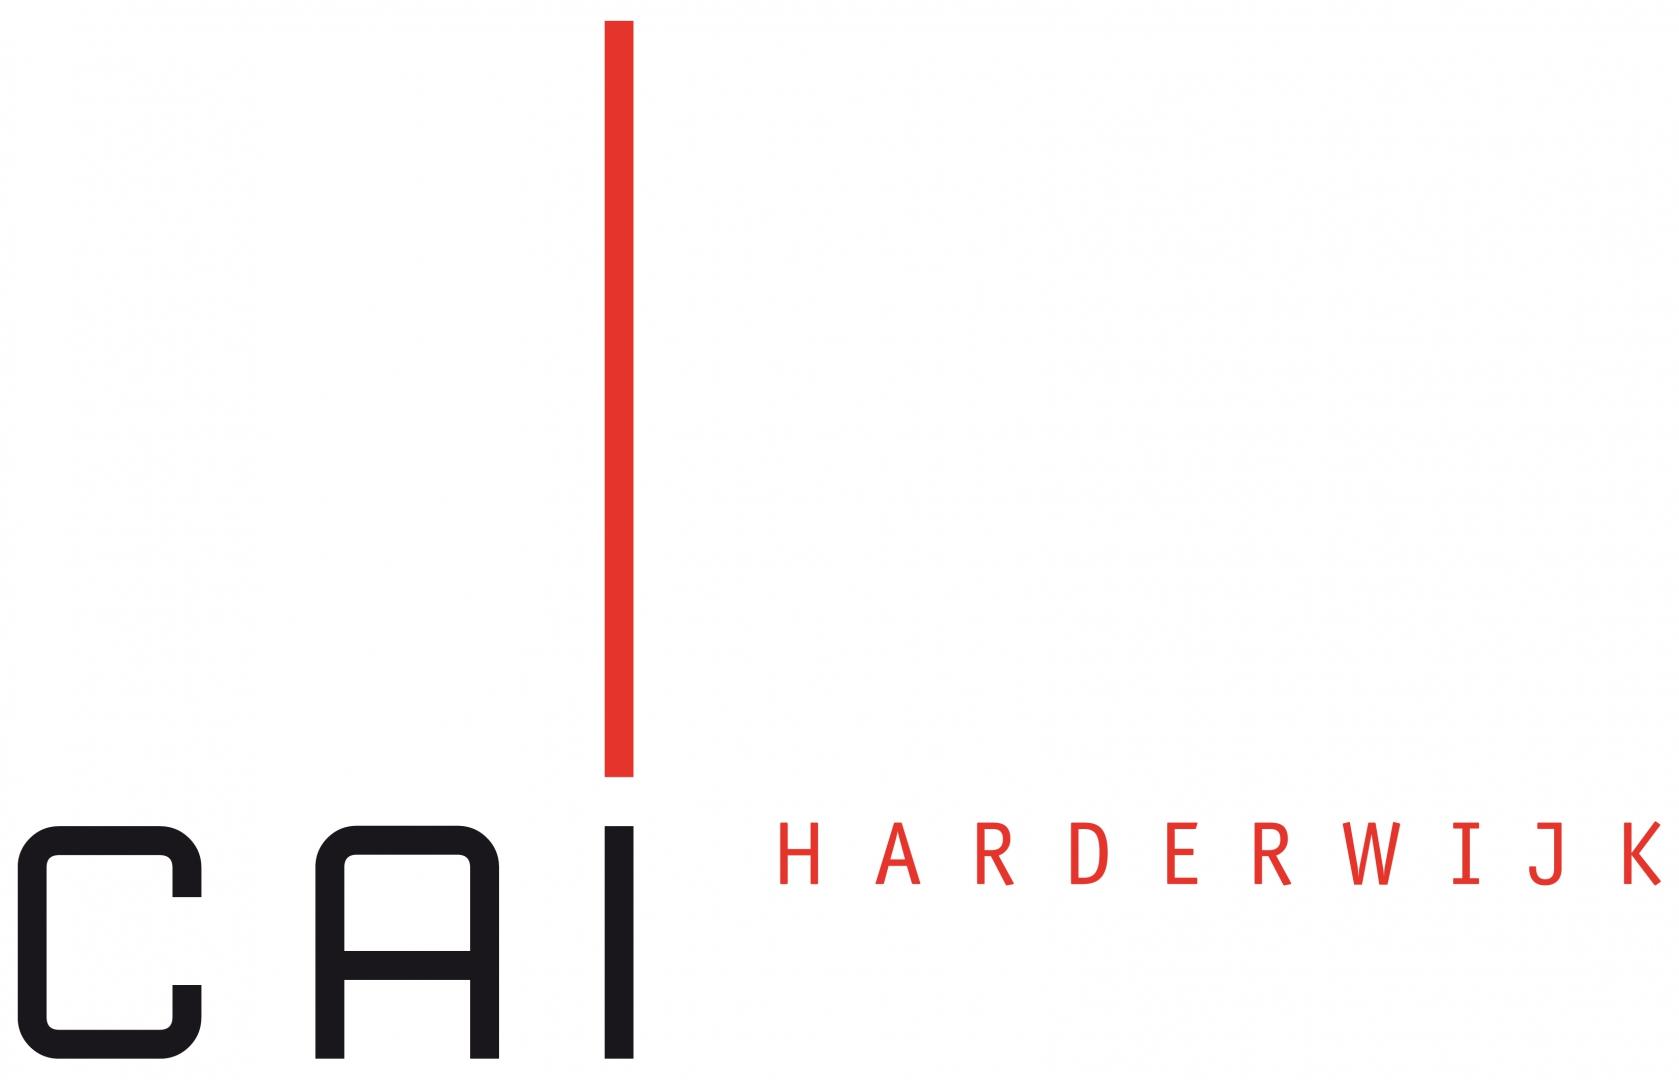 Glasvezelnetwerk weer volledig in handen CAI Harderwijk